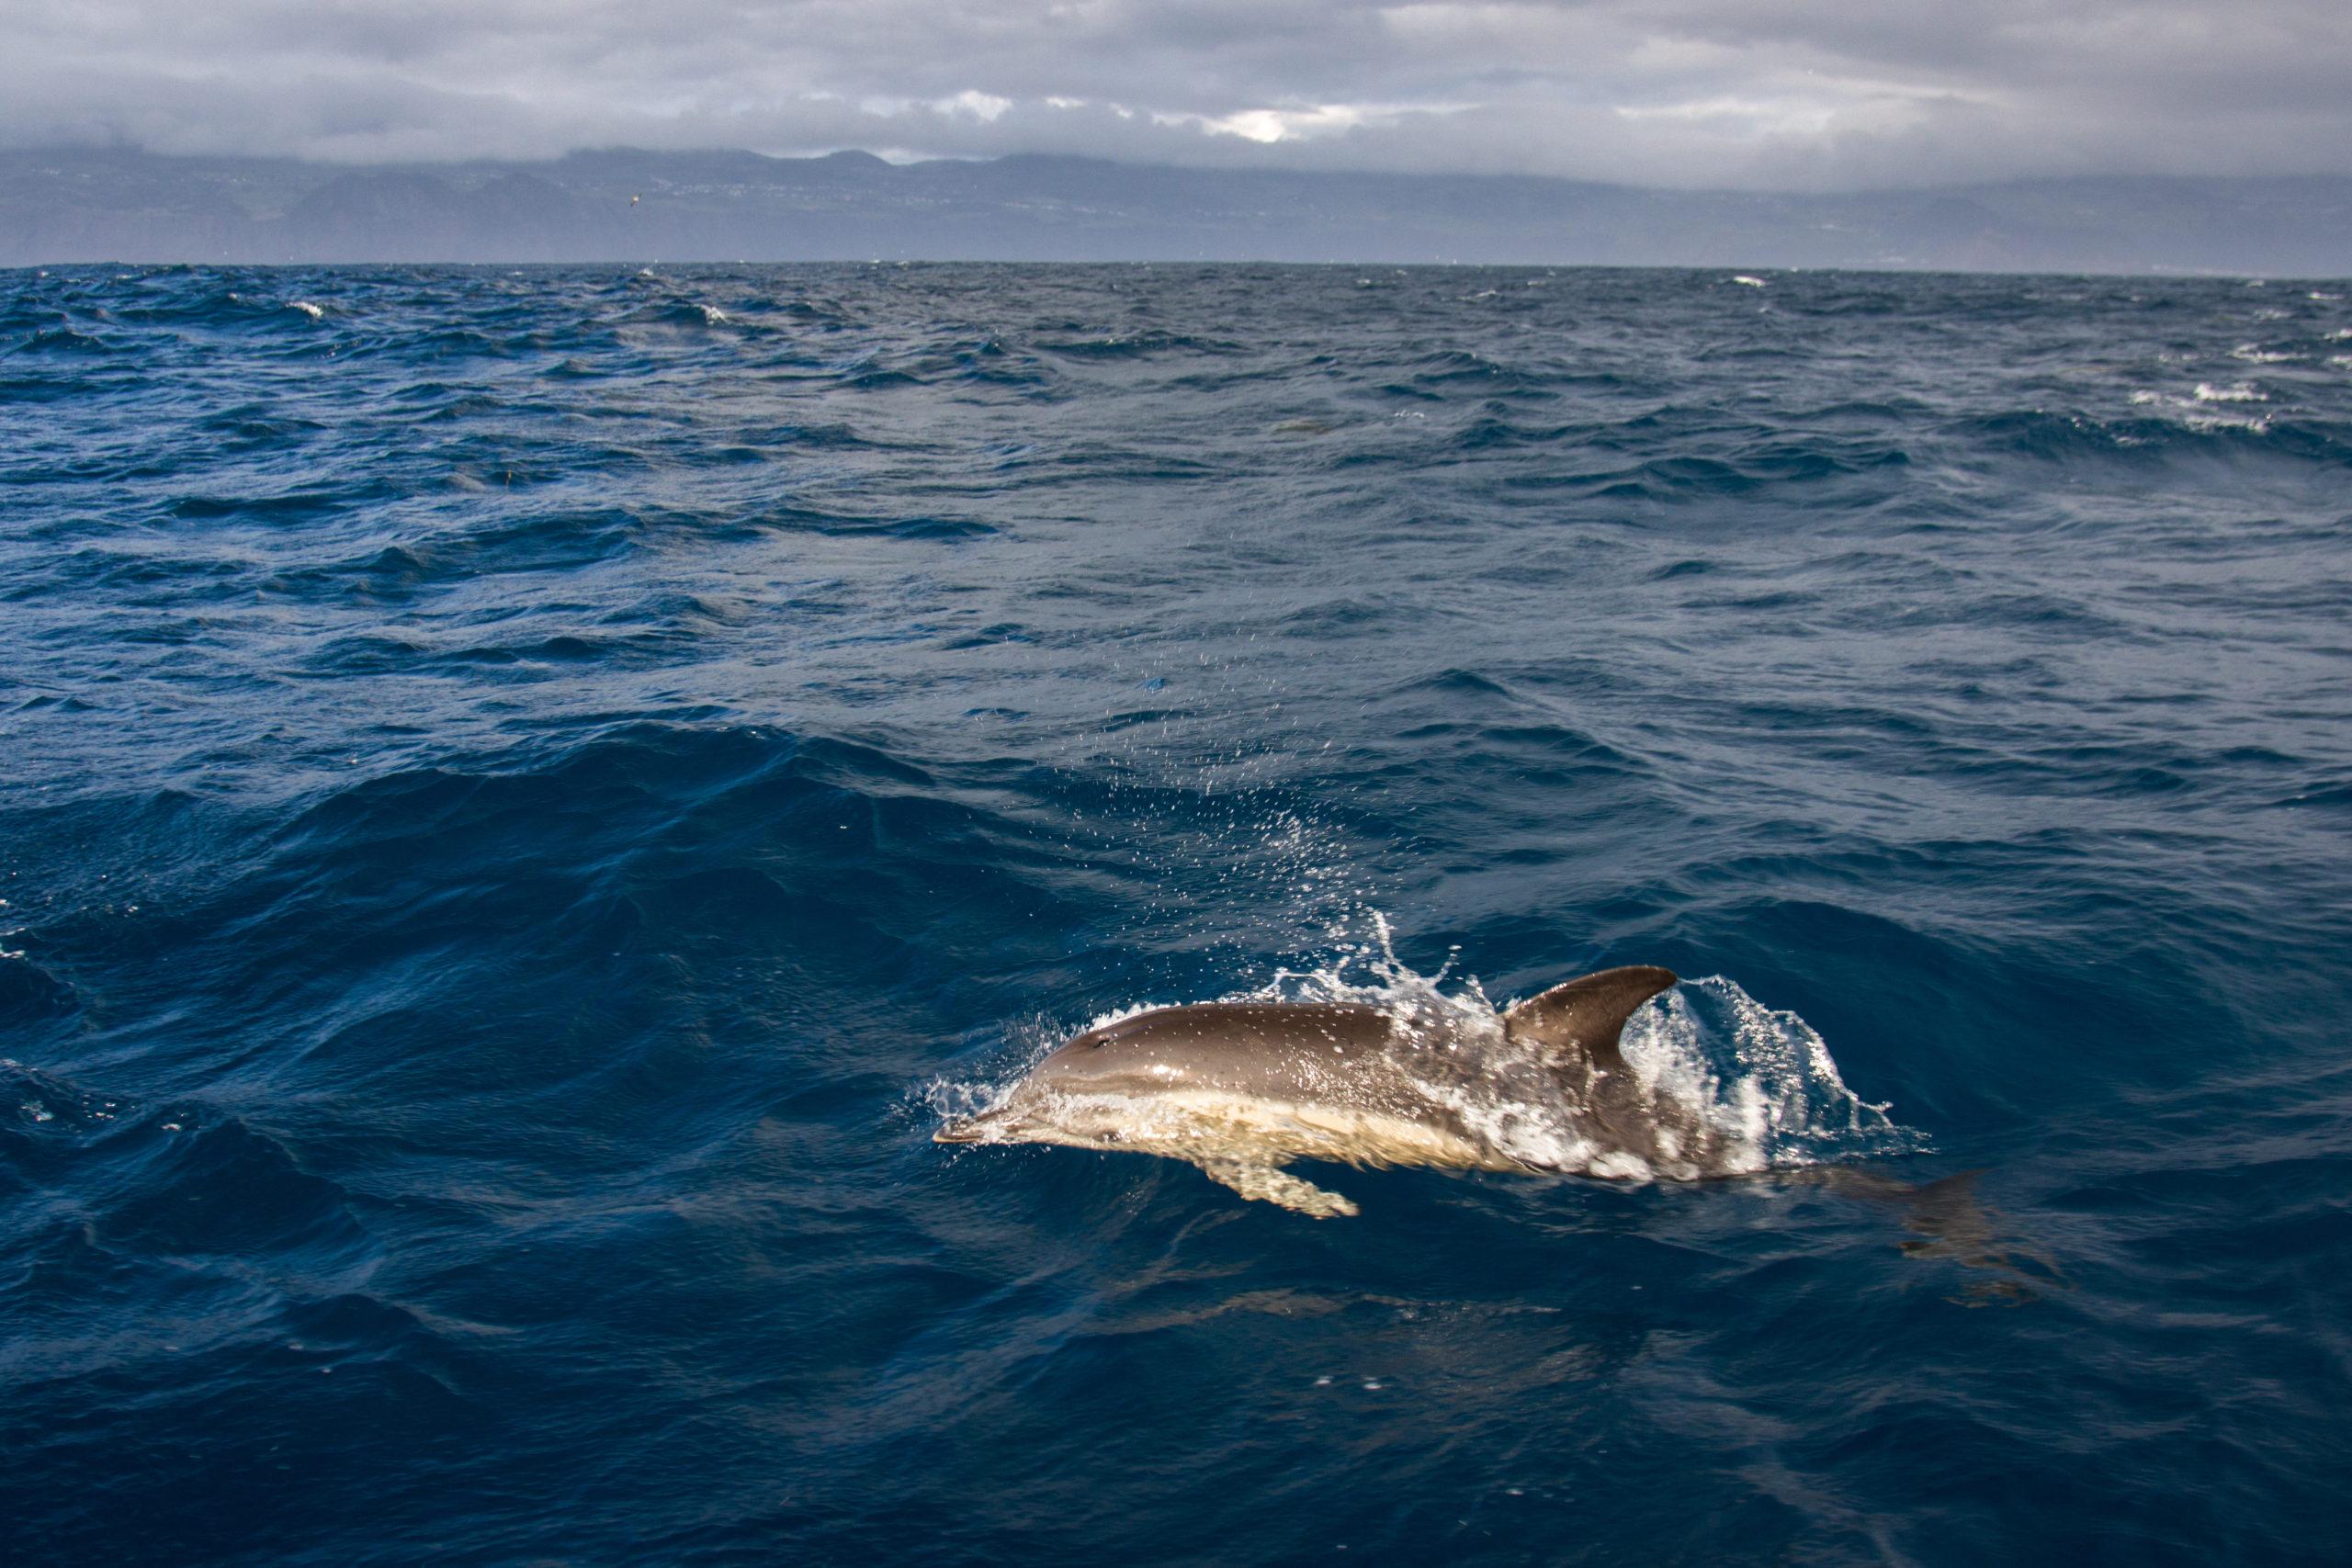 Sortie en mer au large de Lajes Do Pico pour observer les baleines